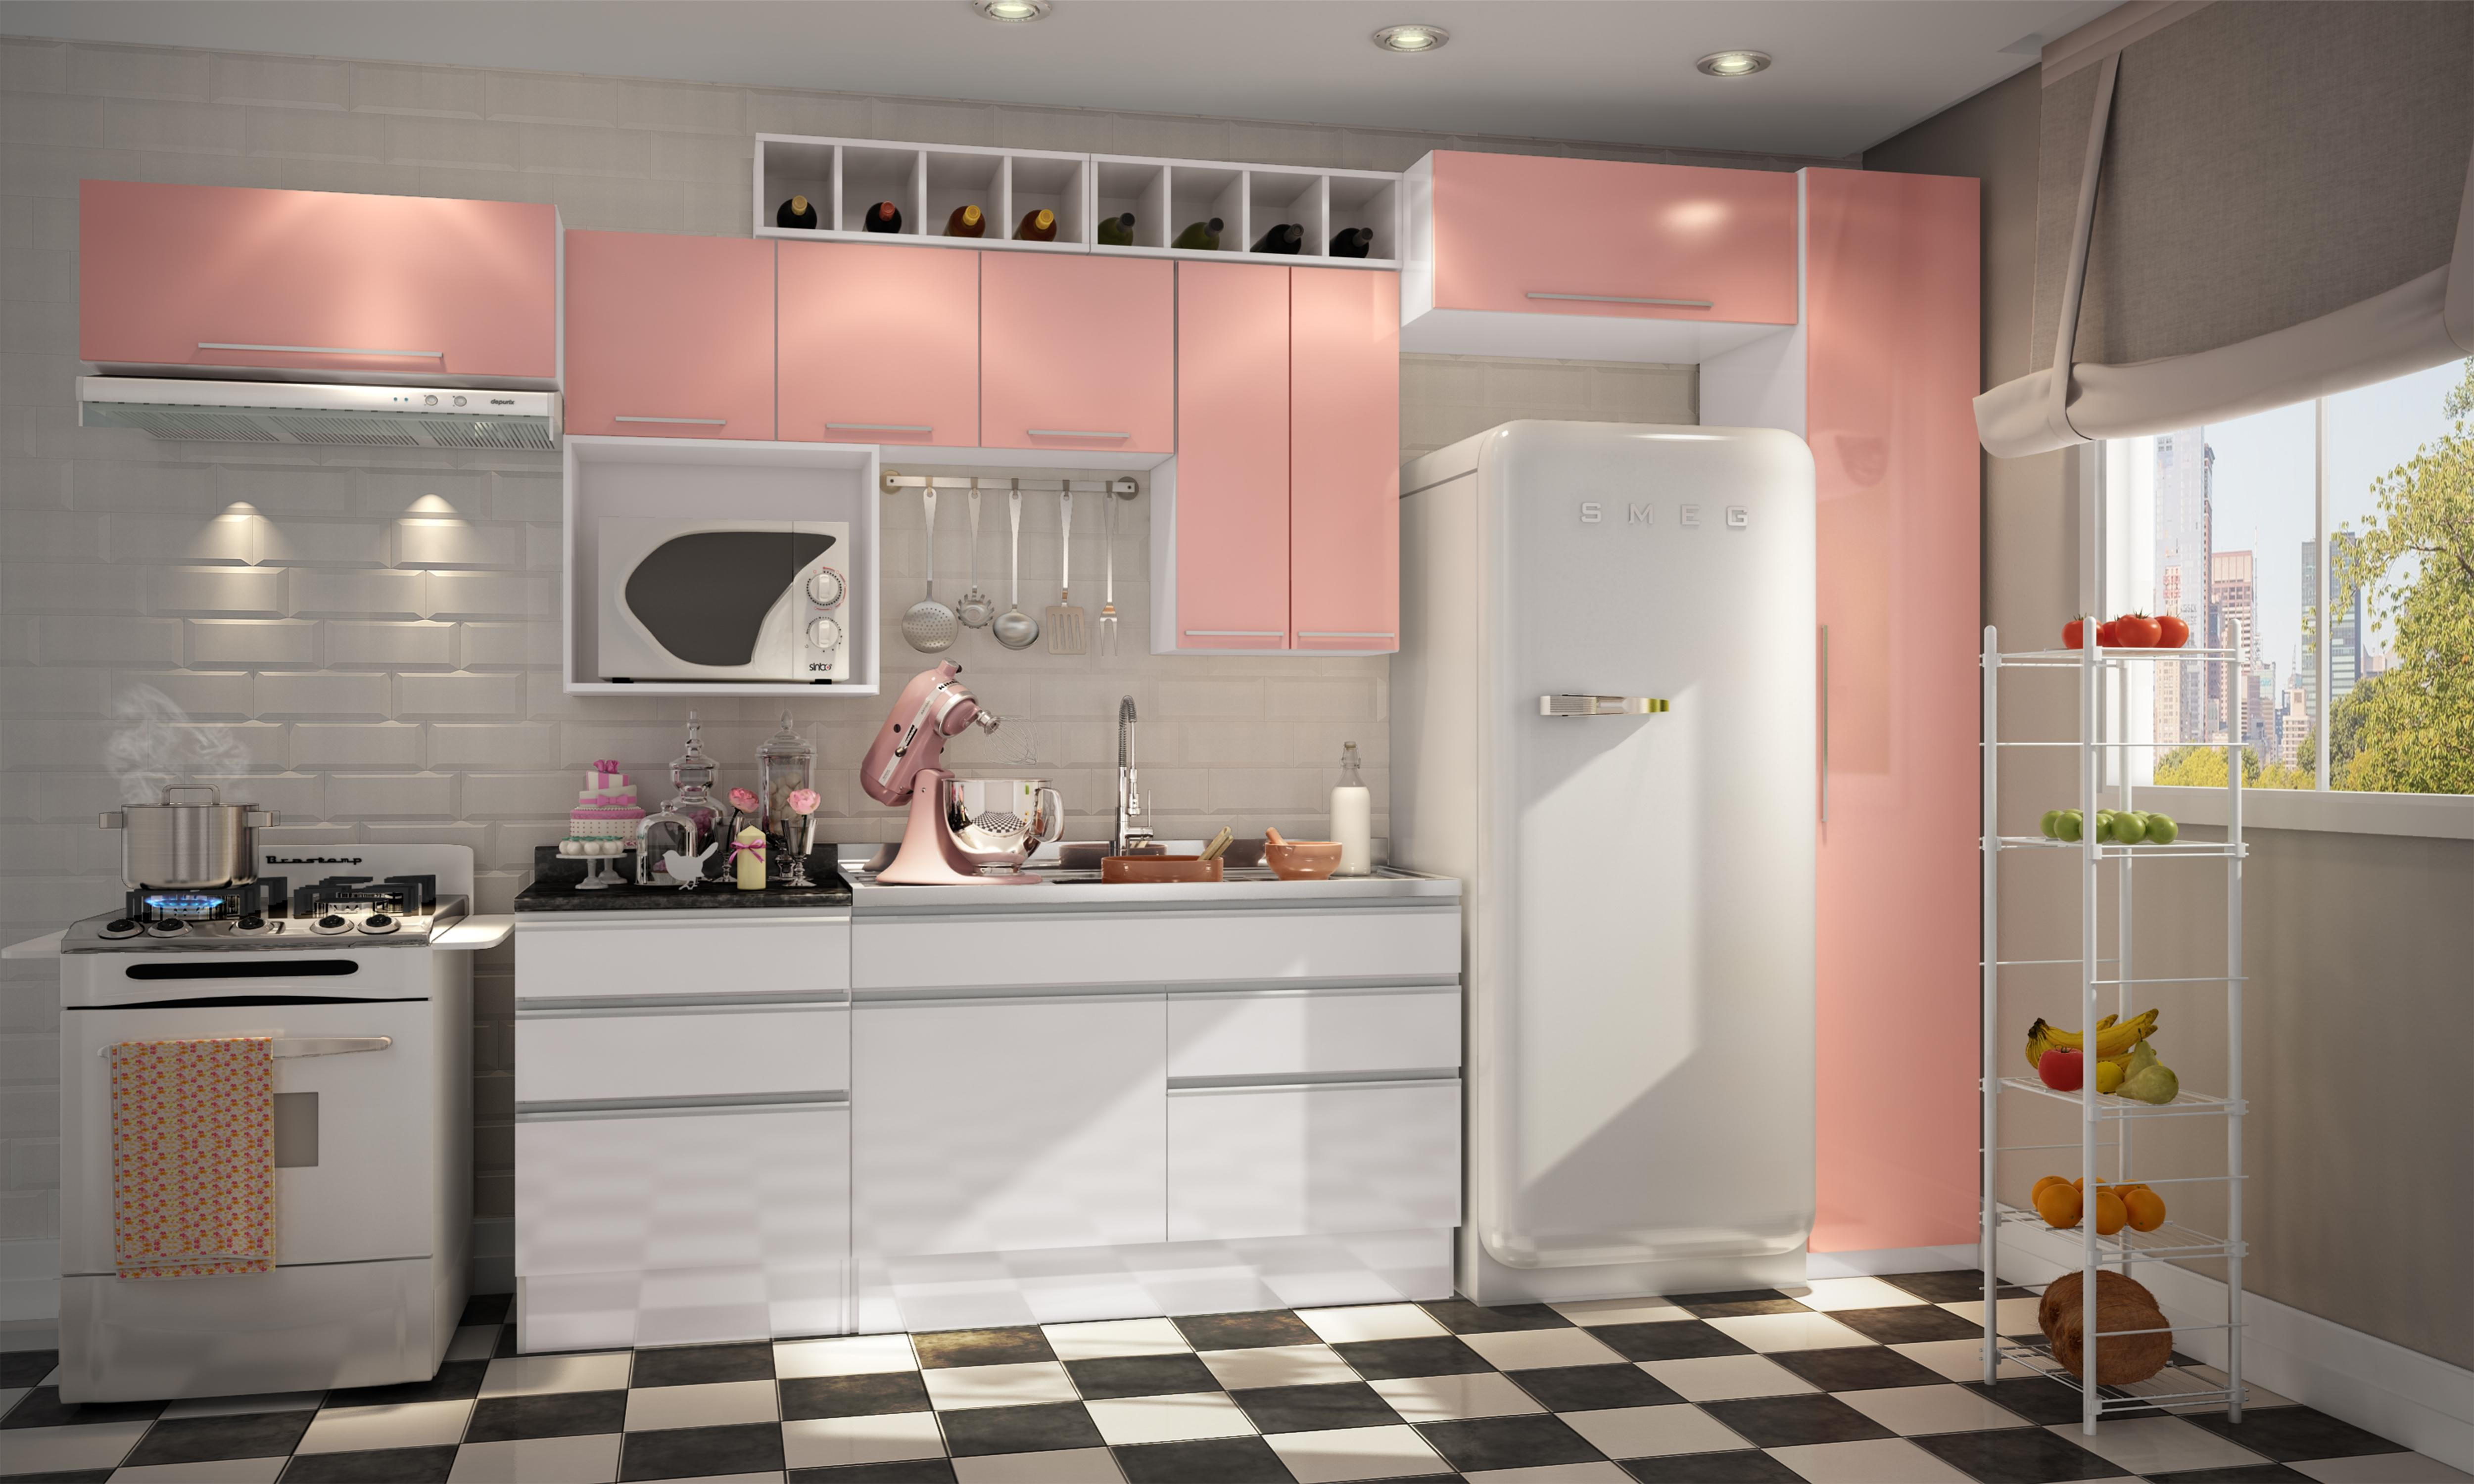 Another Image For Cozinha planejada pequena: projetos dicas e preço! #8E793D 5000 3000